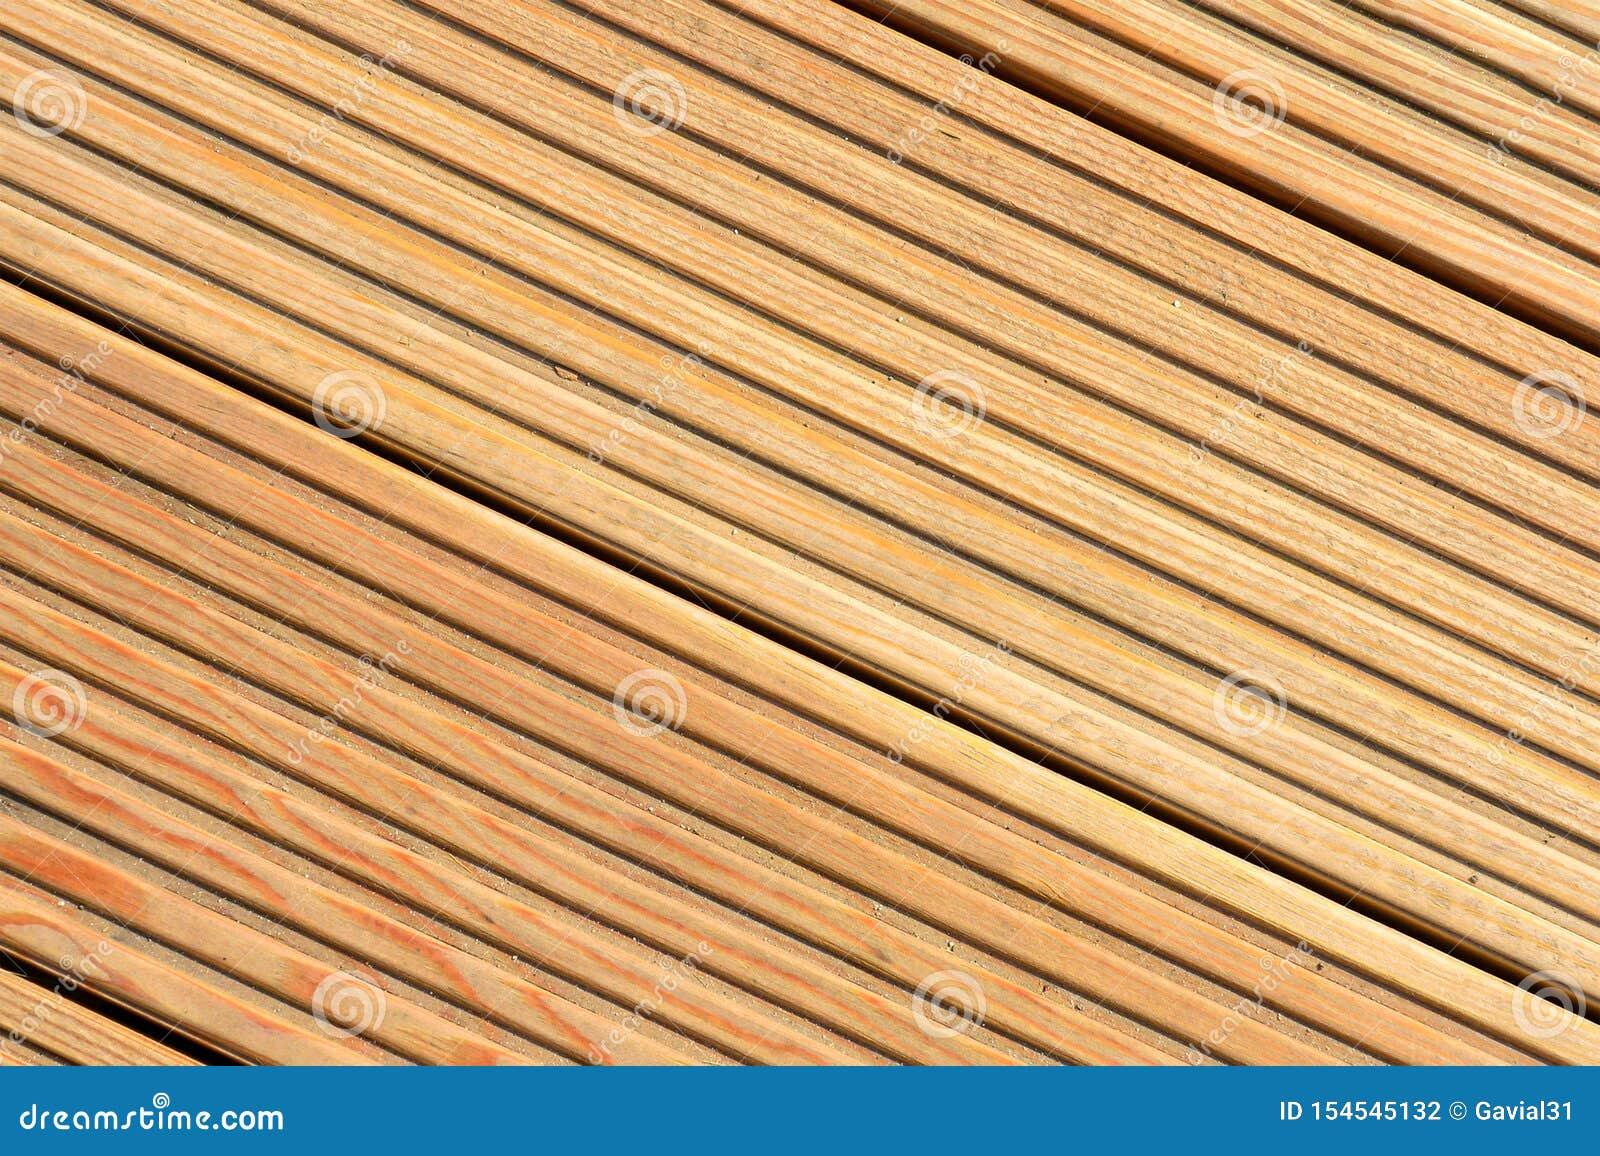 Fondo de la textura del Decking Fondo natural de la textura del decking de madera